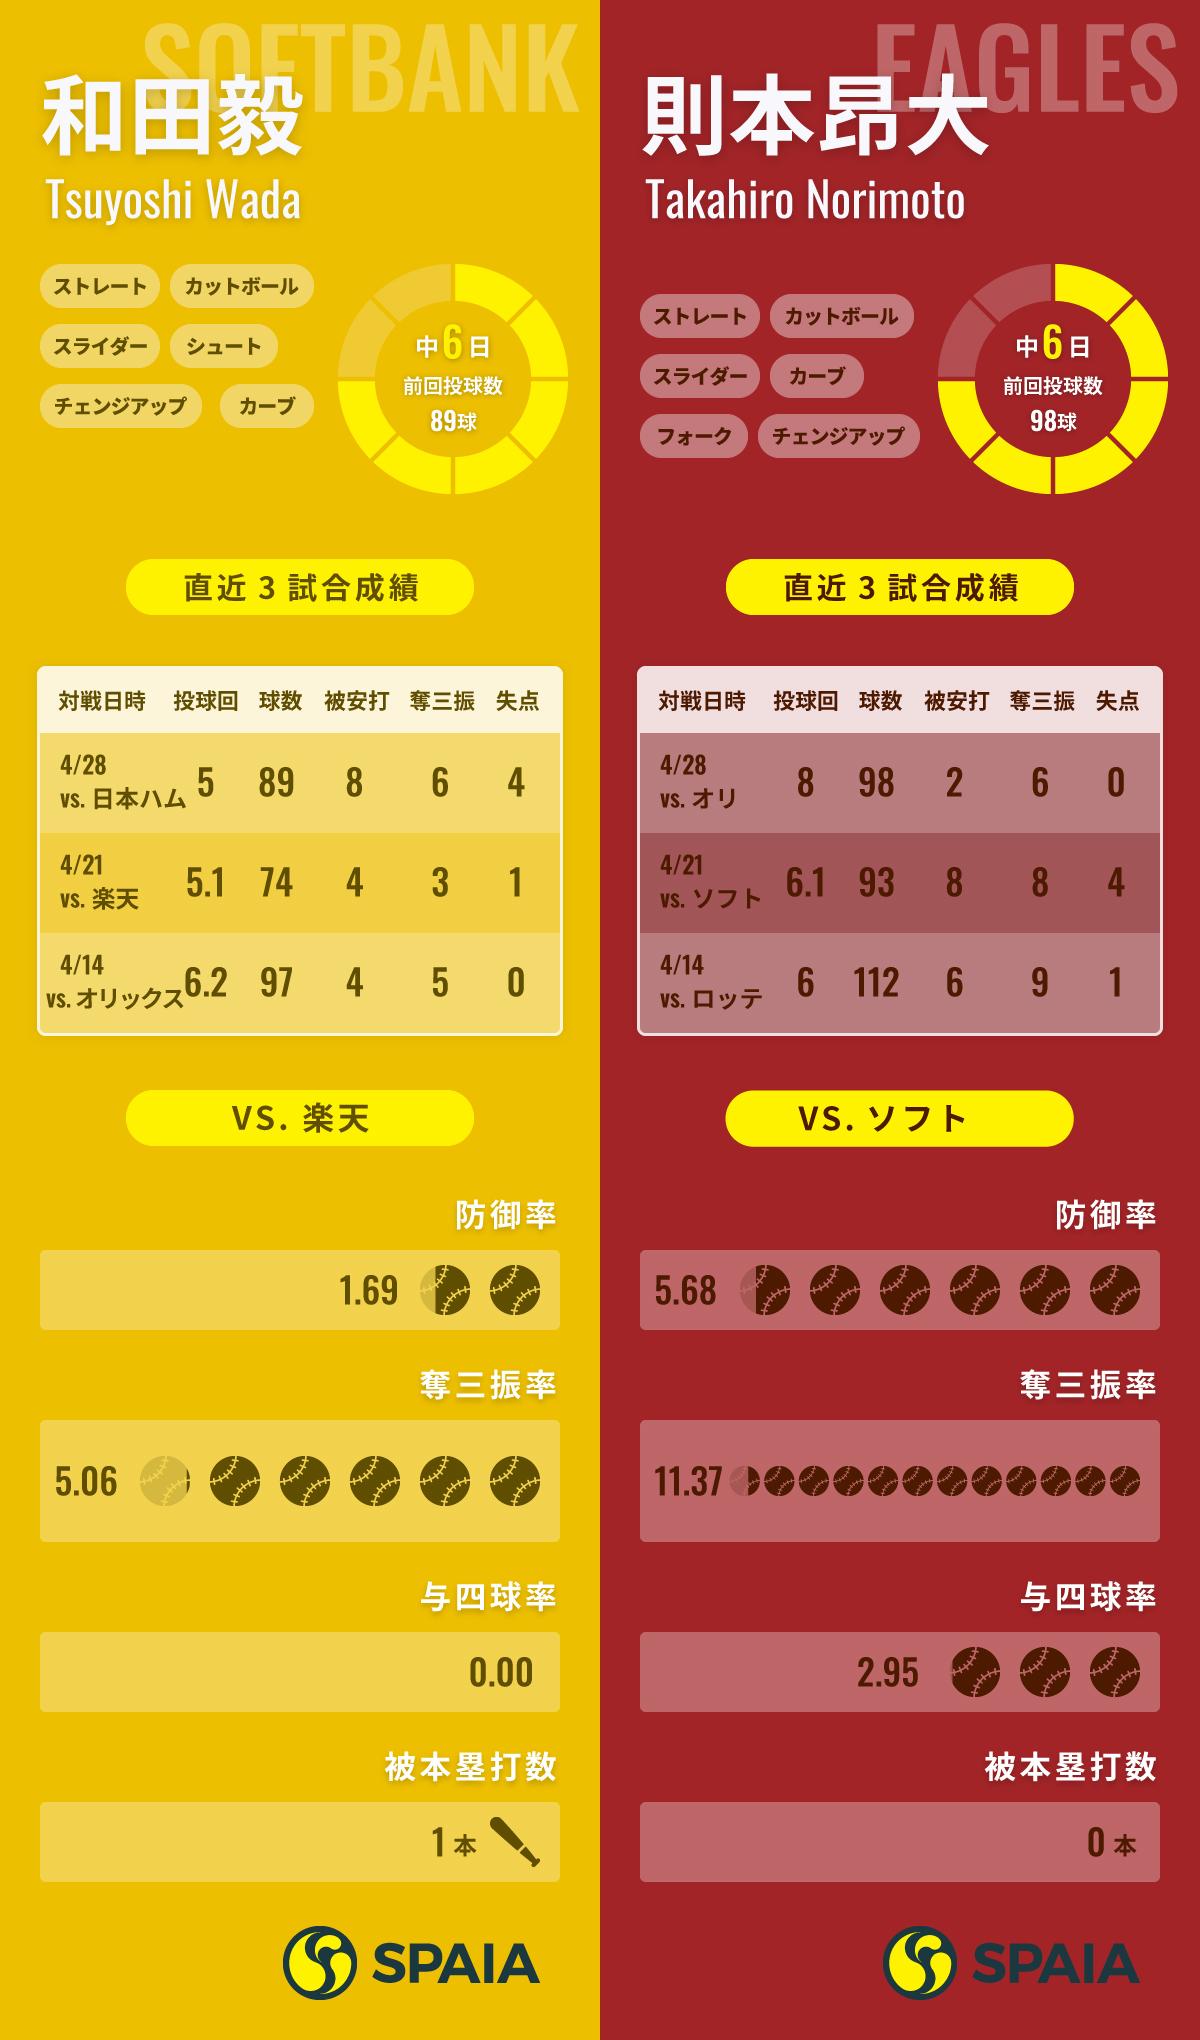 ソフトバンク・和田と楽天・則本のデータ比較,ⒸSPAIA,インフォグラフィック